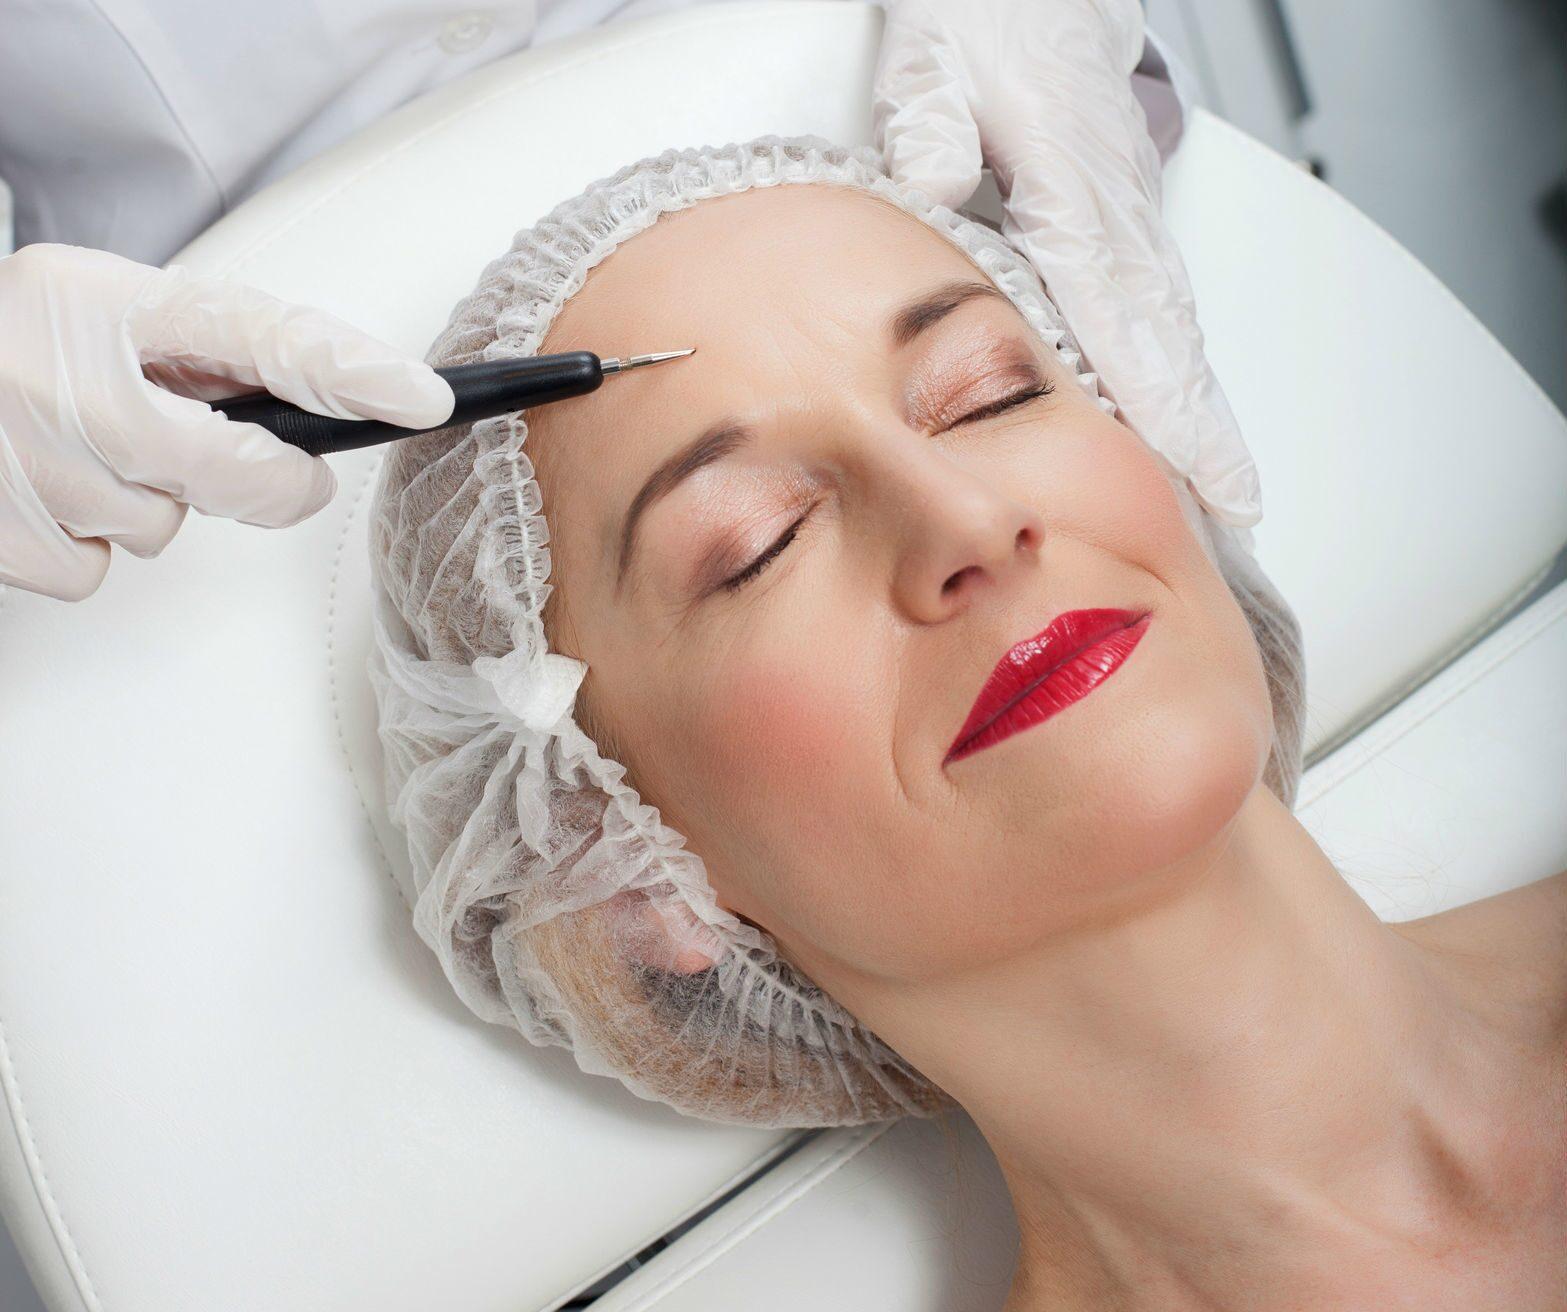 Как лучше удалить волосы на лице навсегда